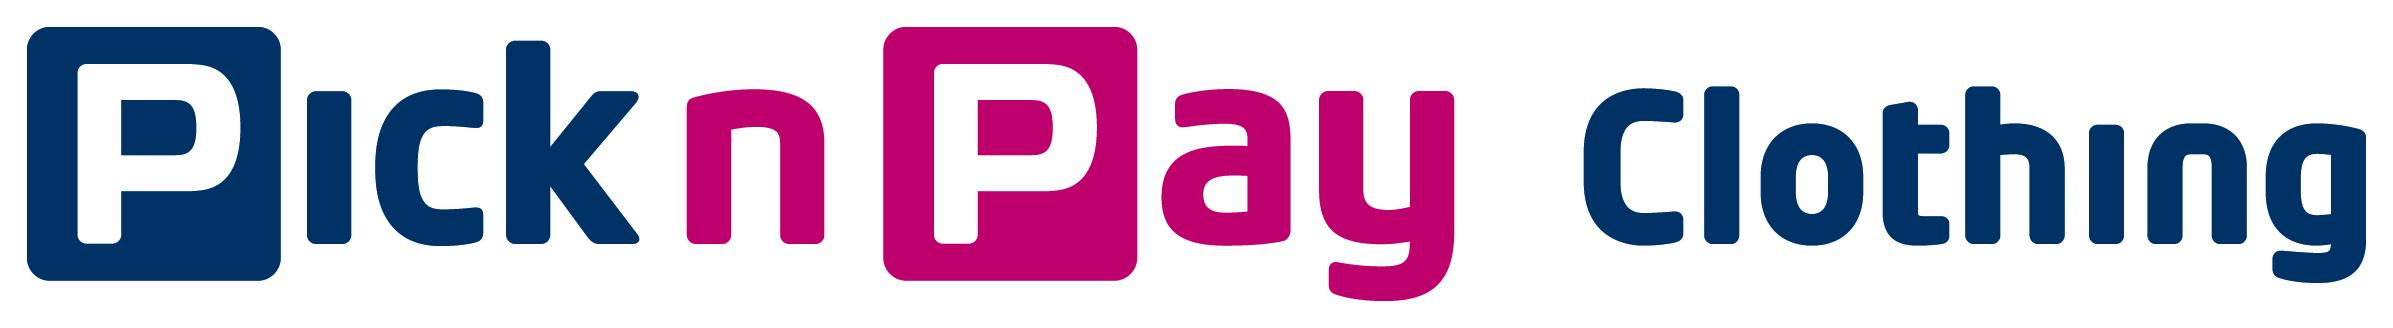 Pick n Pay Clothing Melkbos